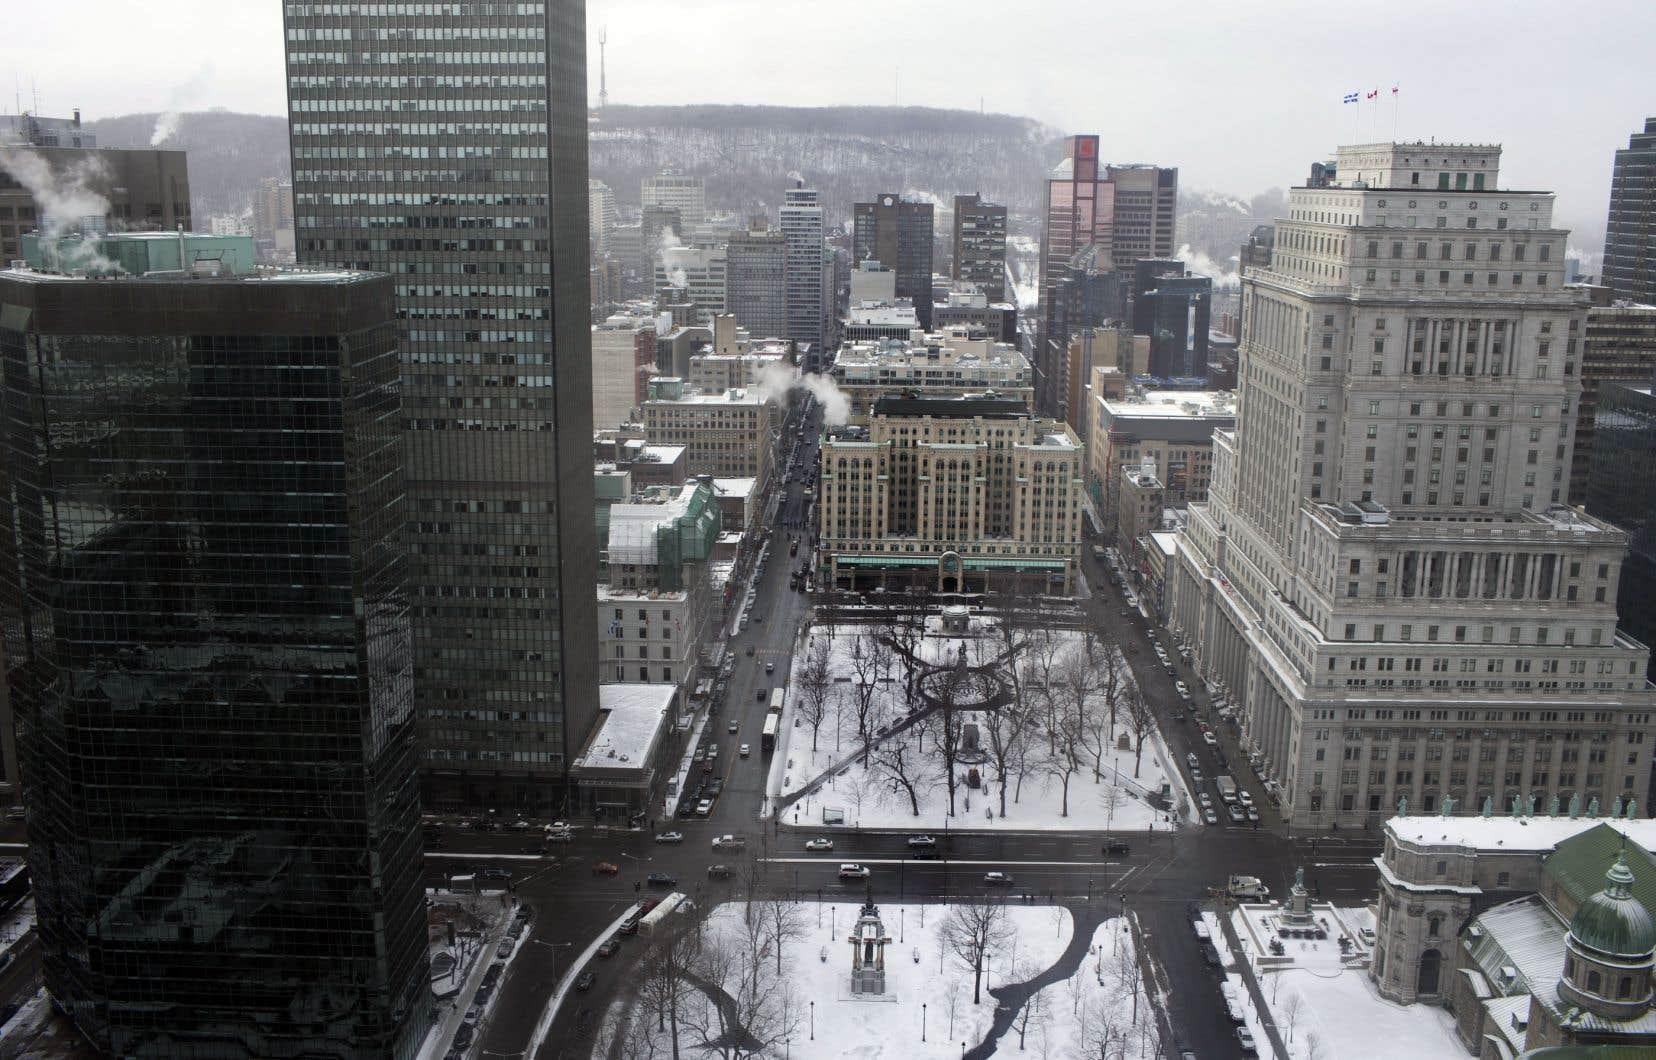 La crise frappe de plein fouet les tours de bureaux du centre-ville, faisant grimper le taux général d'inoccupation à 12,4% au quatrième trimestre de 2020, en hausse de 2,6 points de pourcentage par rapport au deuxième trimestre de l'année.